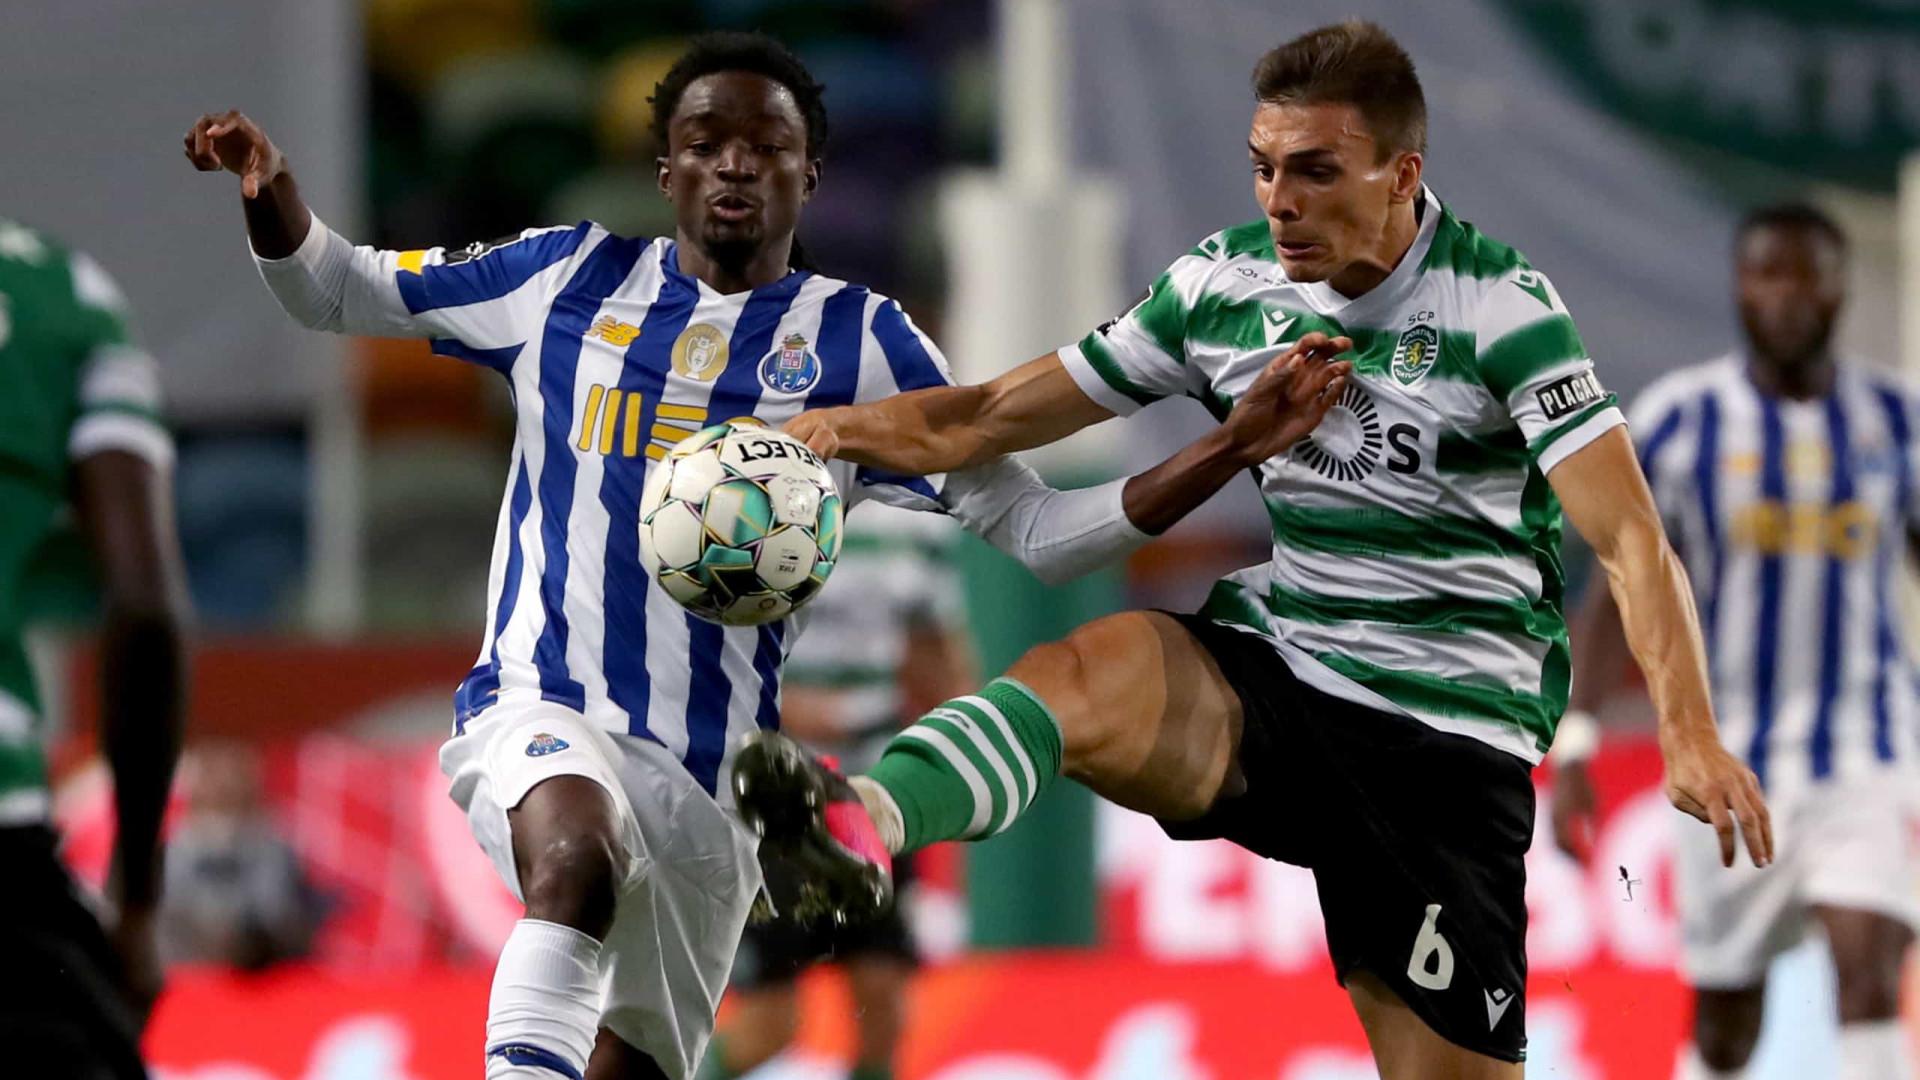 As Notas Do Sporting Fc Porto A Ansia Pelo Golo E Um Arbitro Polemico